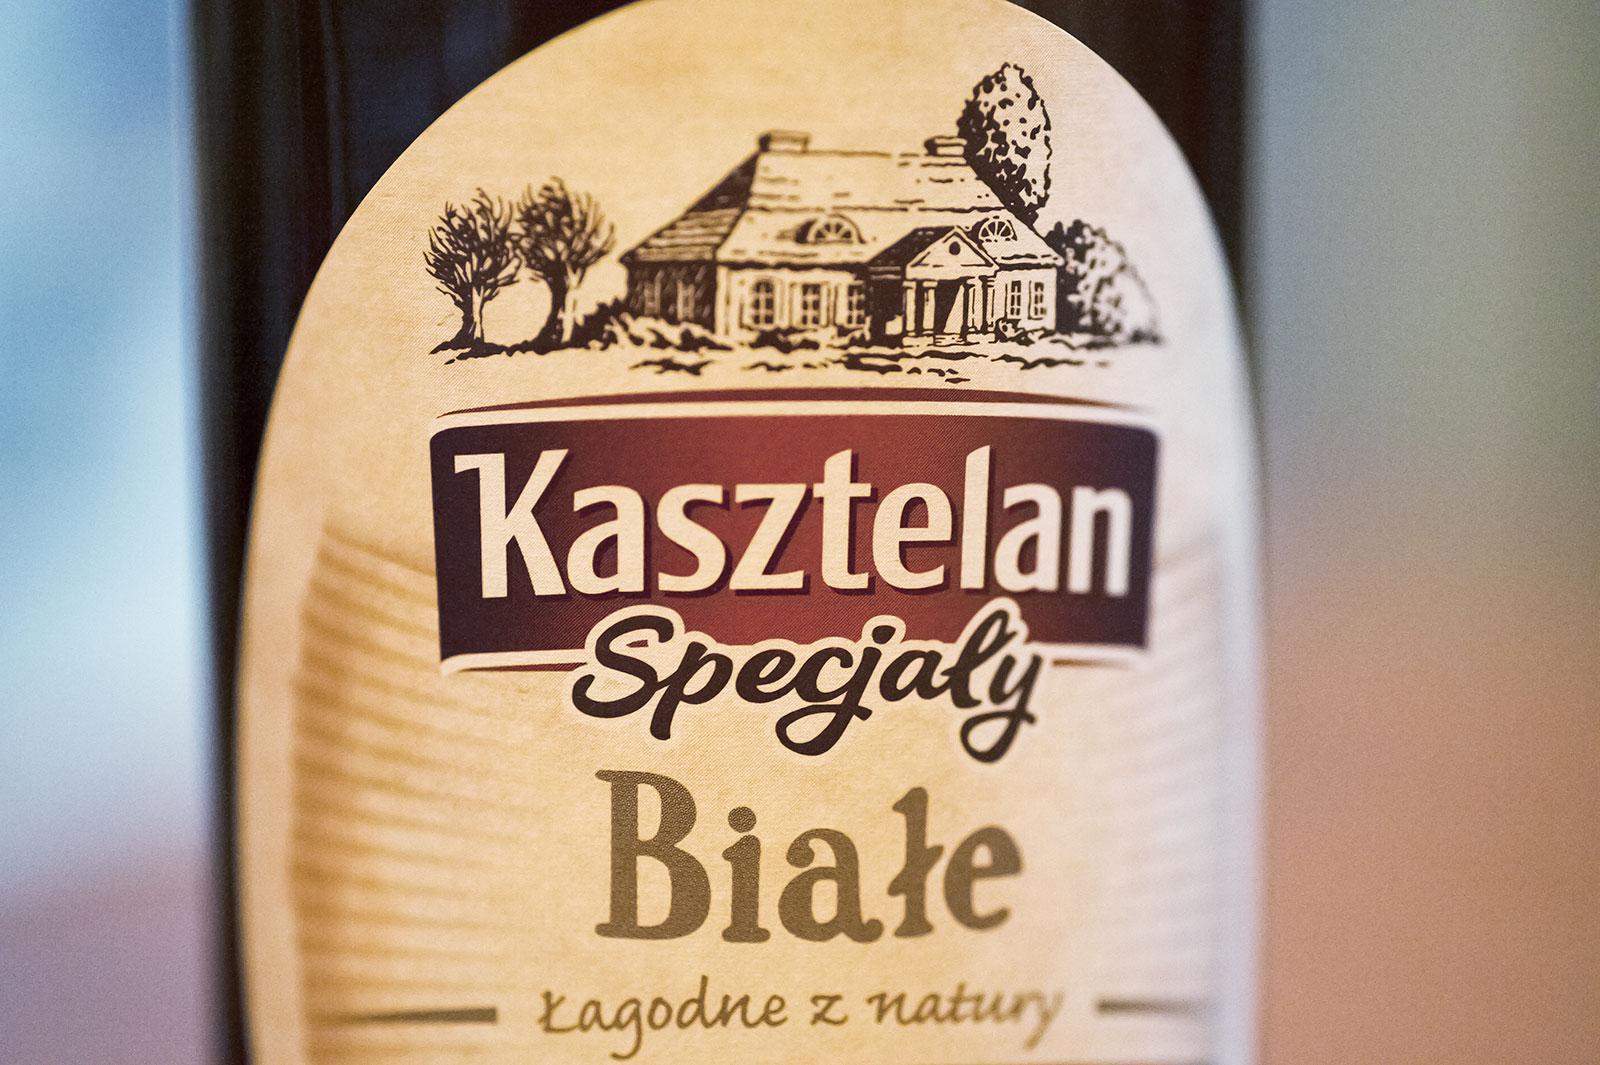 Kasztelan Białe - piwo polskie